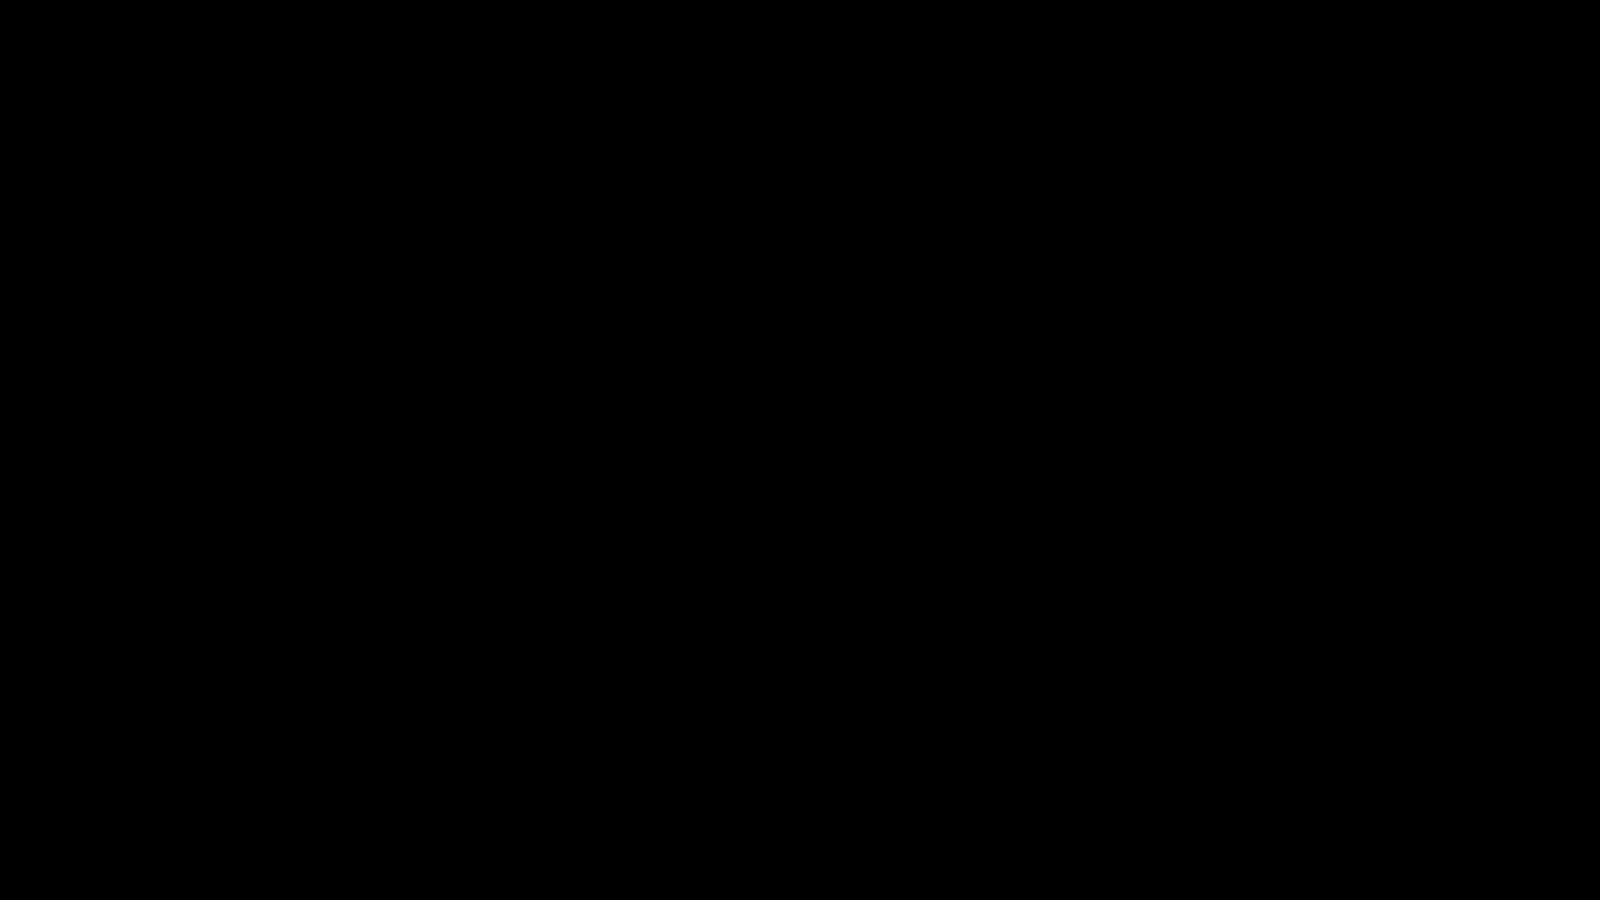 μαυρο